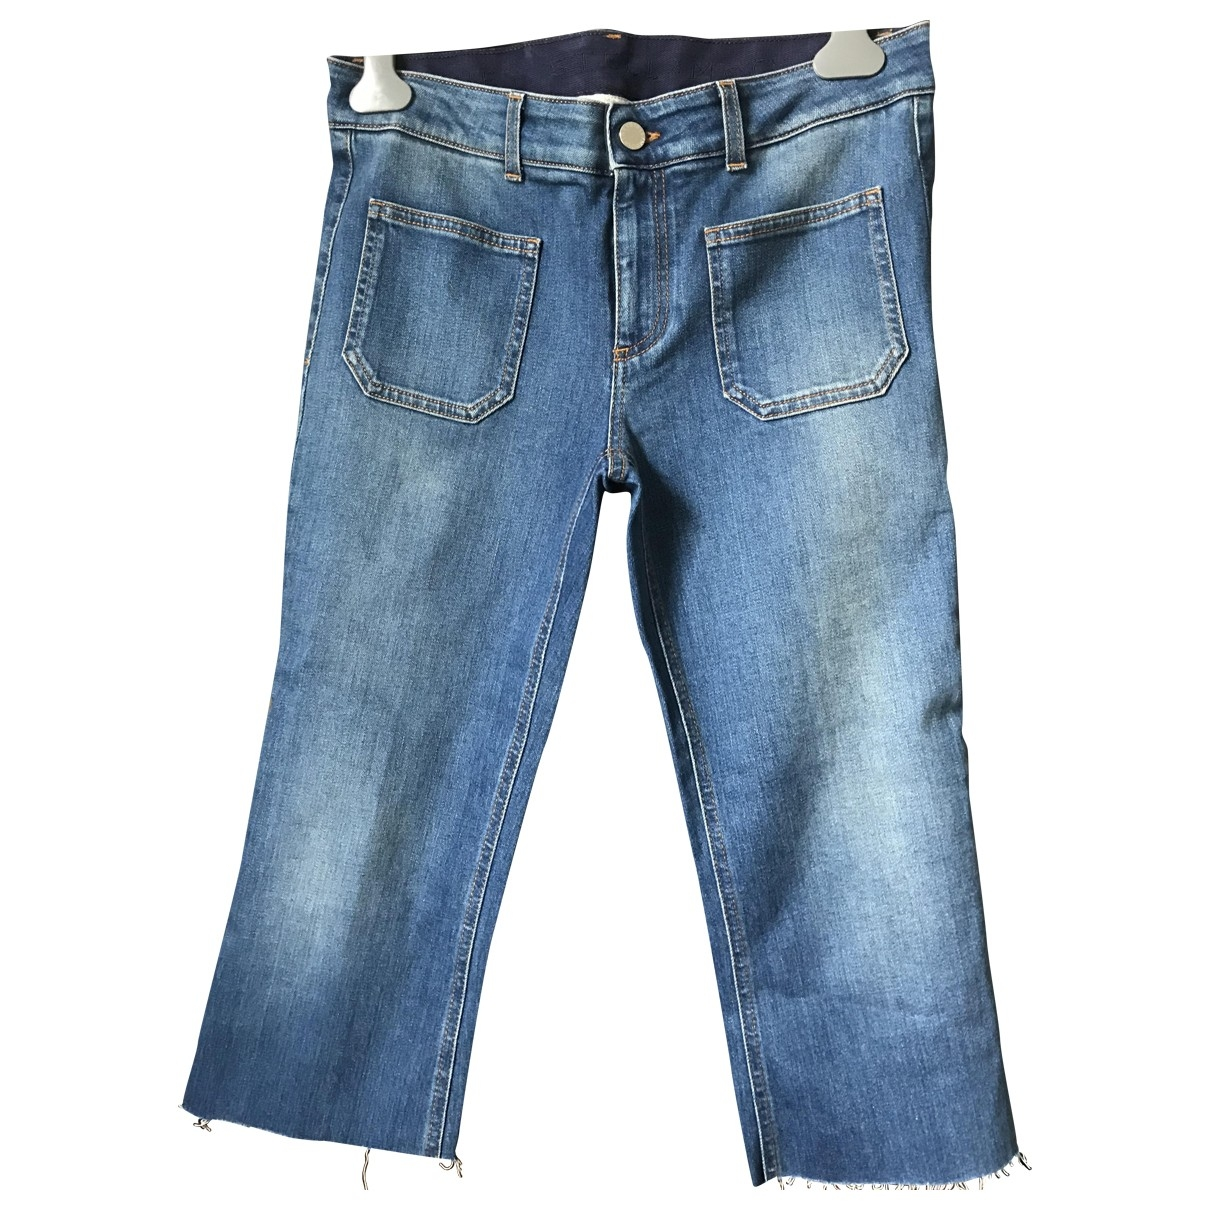 Stella Mccartney \N Blue Denim - Jeans Trousers for Women 42 IT